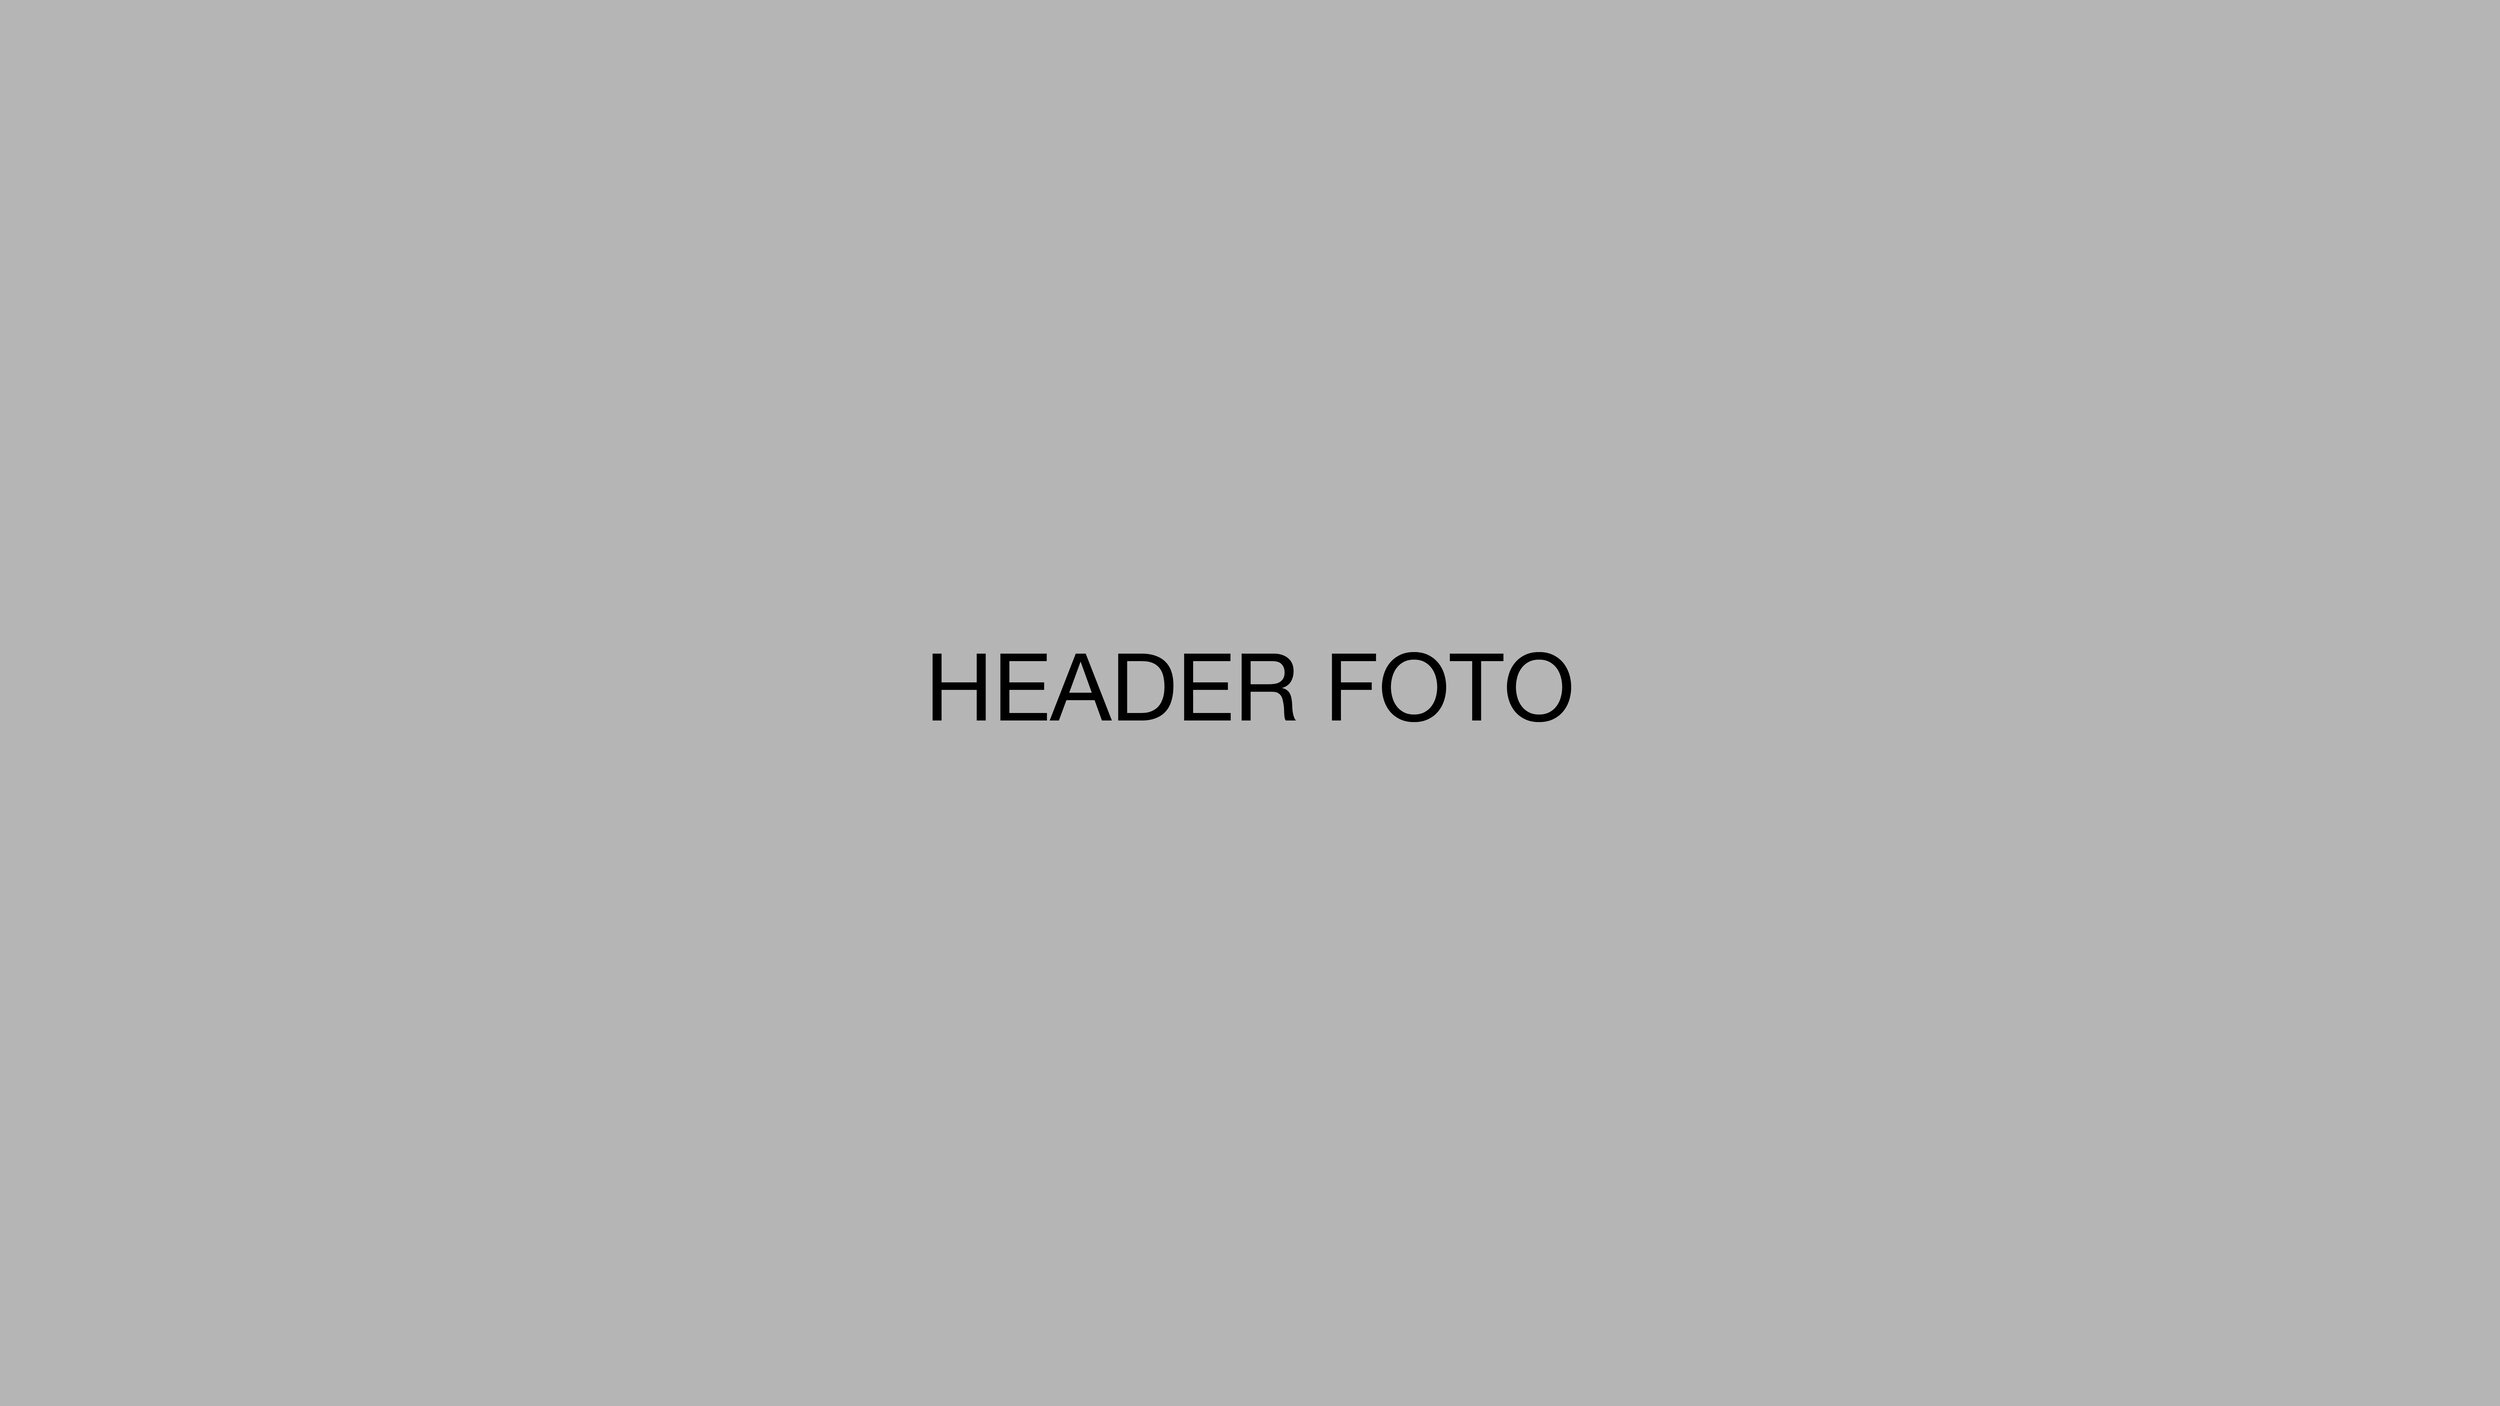 Header_Foto.jpg